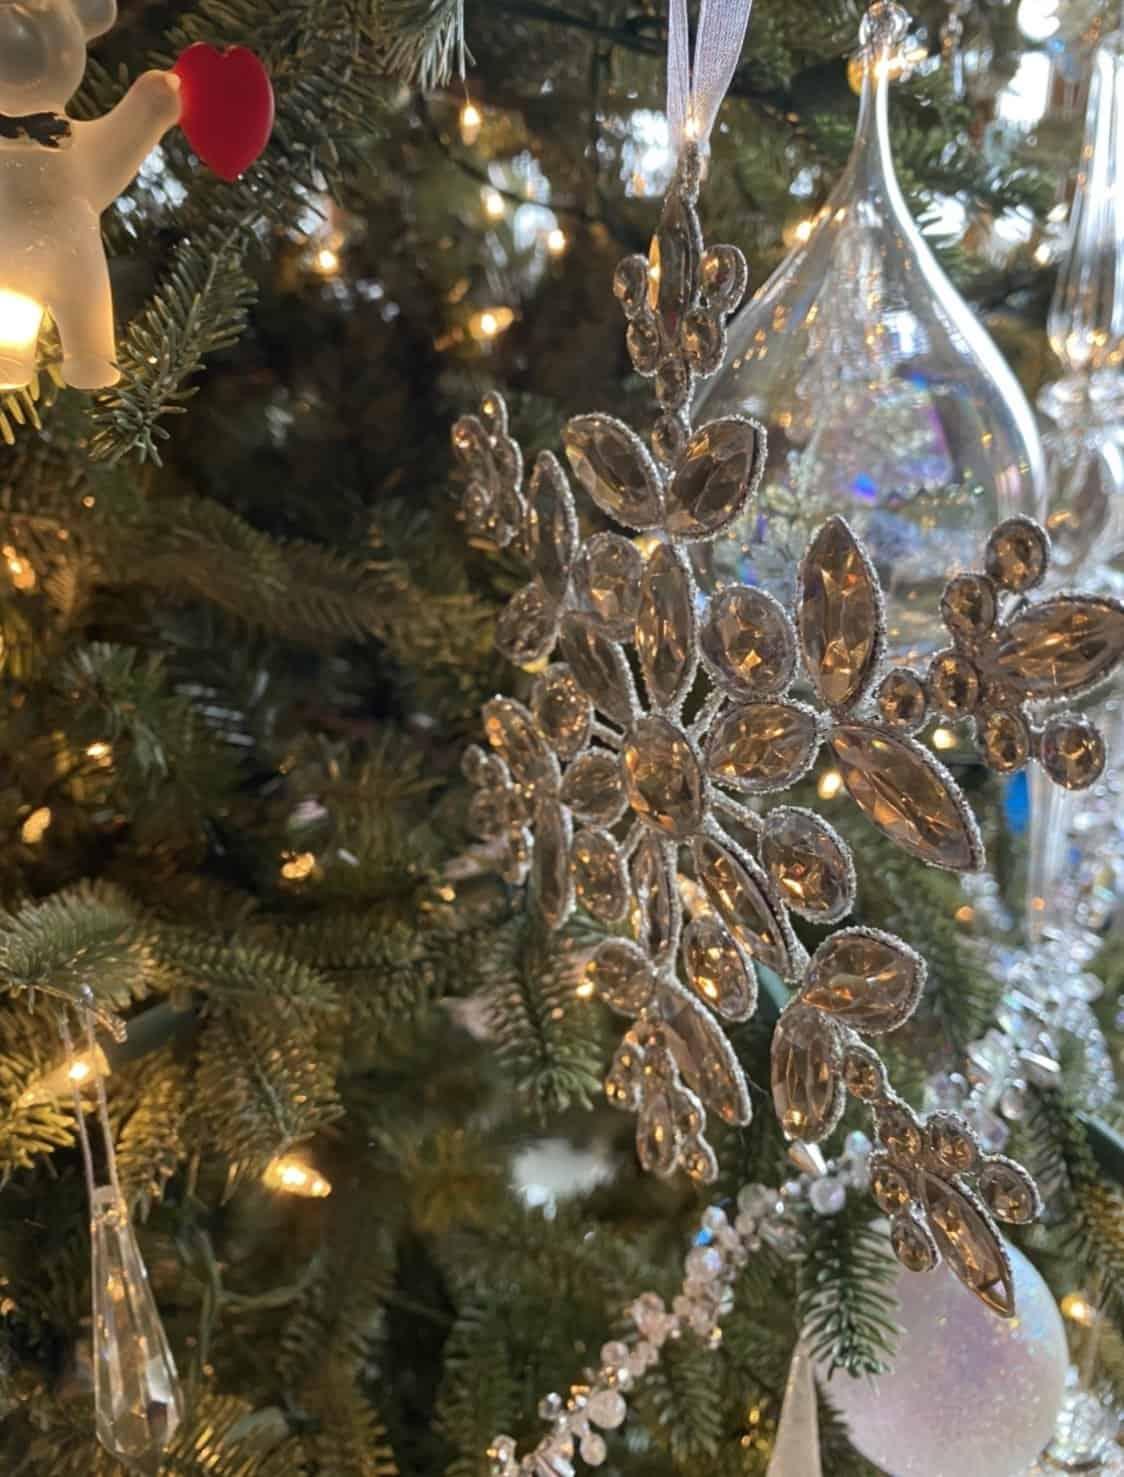 an ornament shaped like a snowflake